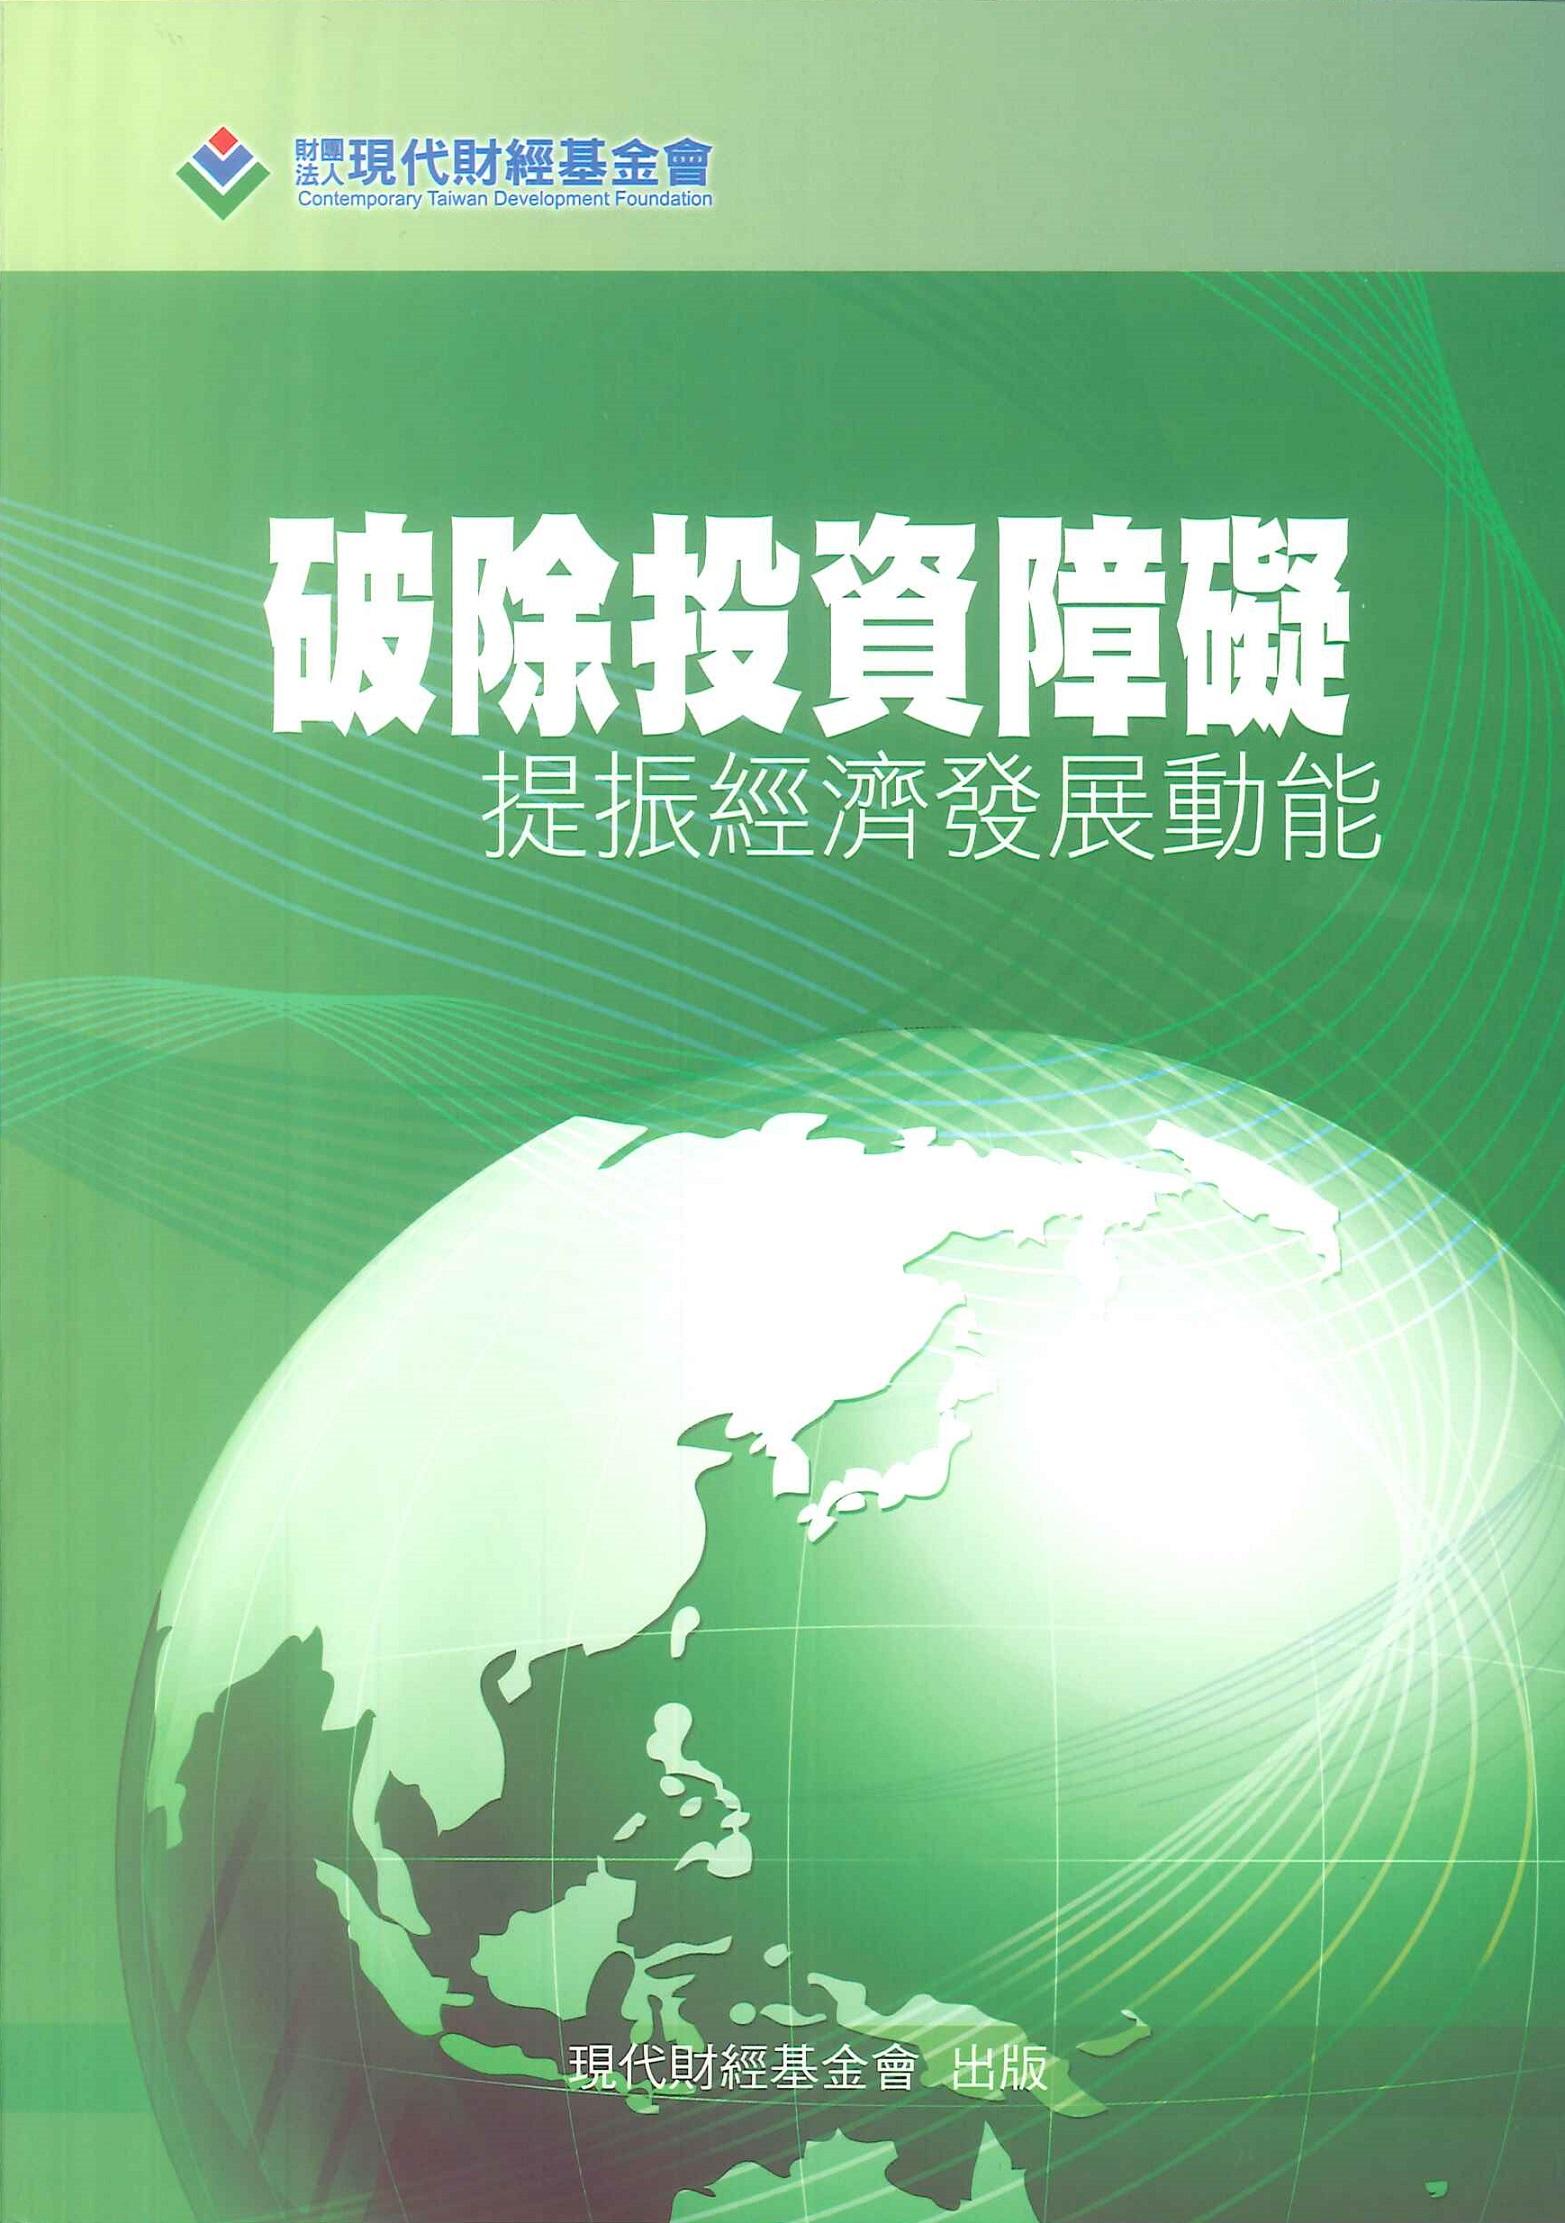 破除投資障礙:提振經濟發展動能